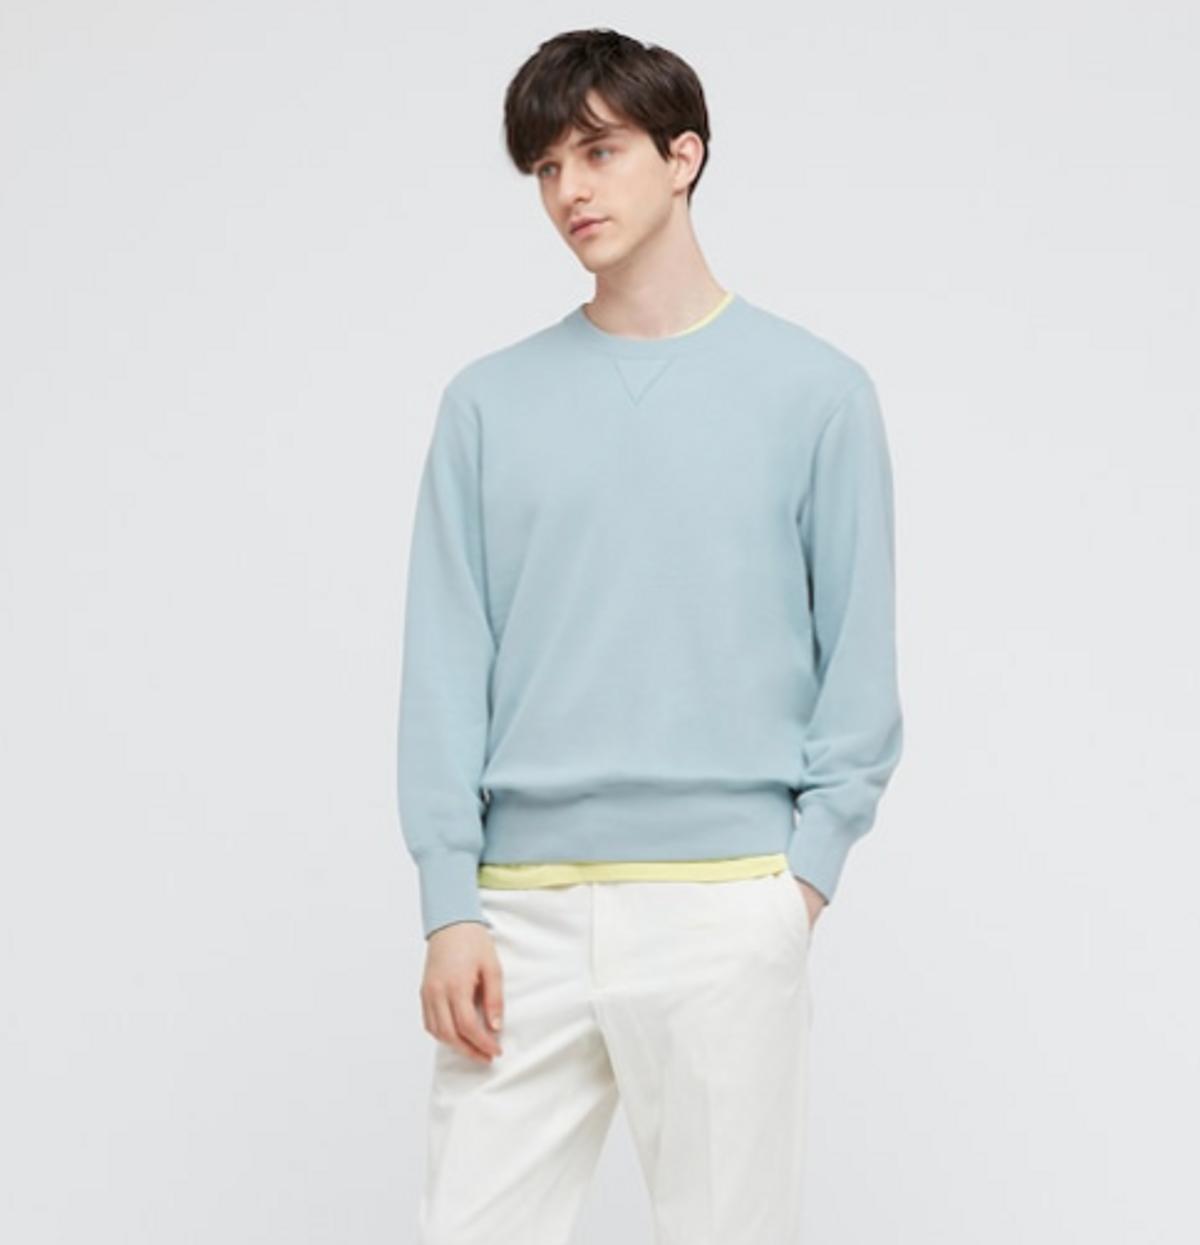 uniqlo long sleeve sweatshirt